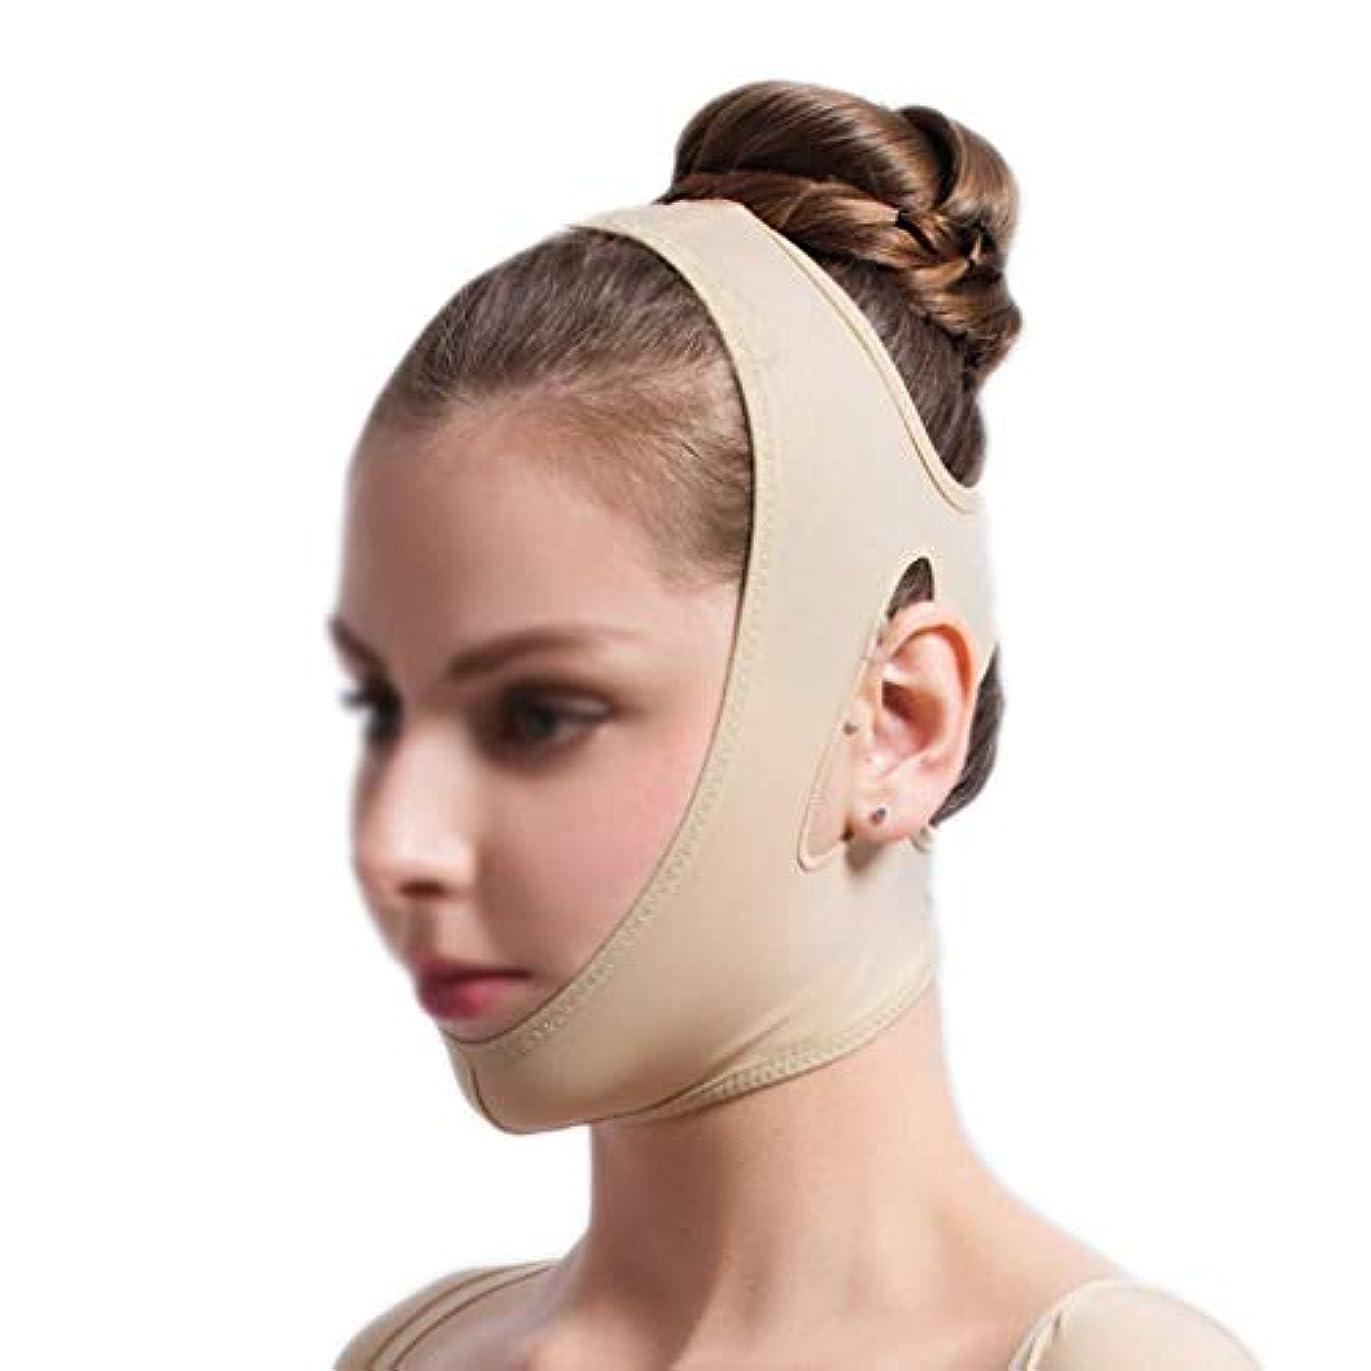 首交流するロボットフェイスリフティングバンデージ、フェイシャル減量マスク、フェイシャルリフティングスリミングベルト、痩身チークマスク(サイズ:S),ザ?